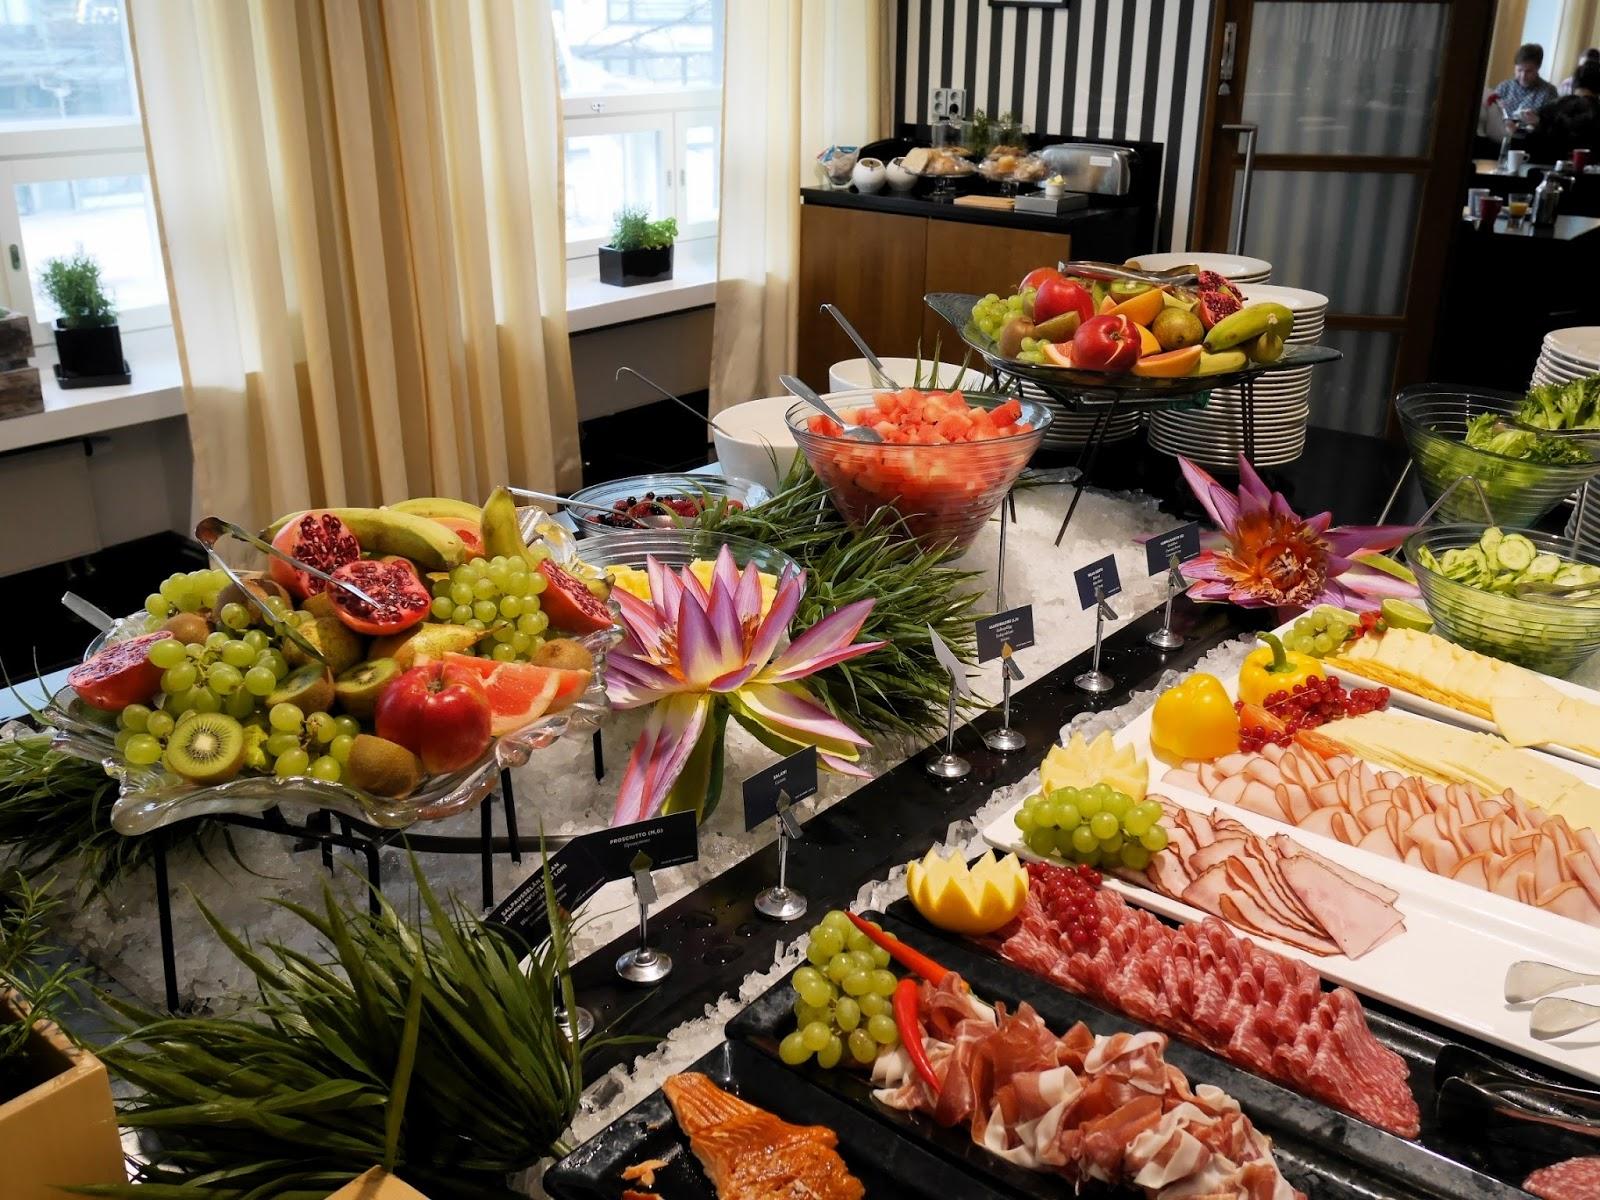 Paikallisuus on Seurahuoneella tärkeää ja se näkyi aamiaistarjonnassa.  Aamiaisella oli ilahduttavan laaja valikoima lähituottajien tuotteita e4d7af9046